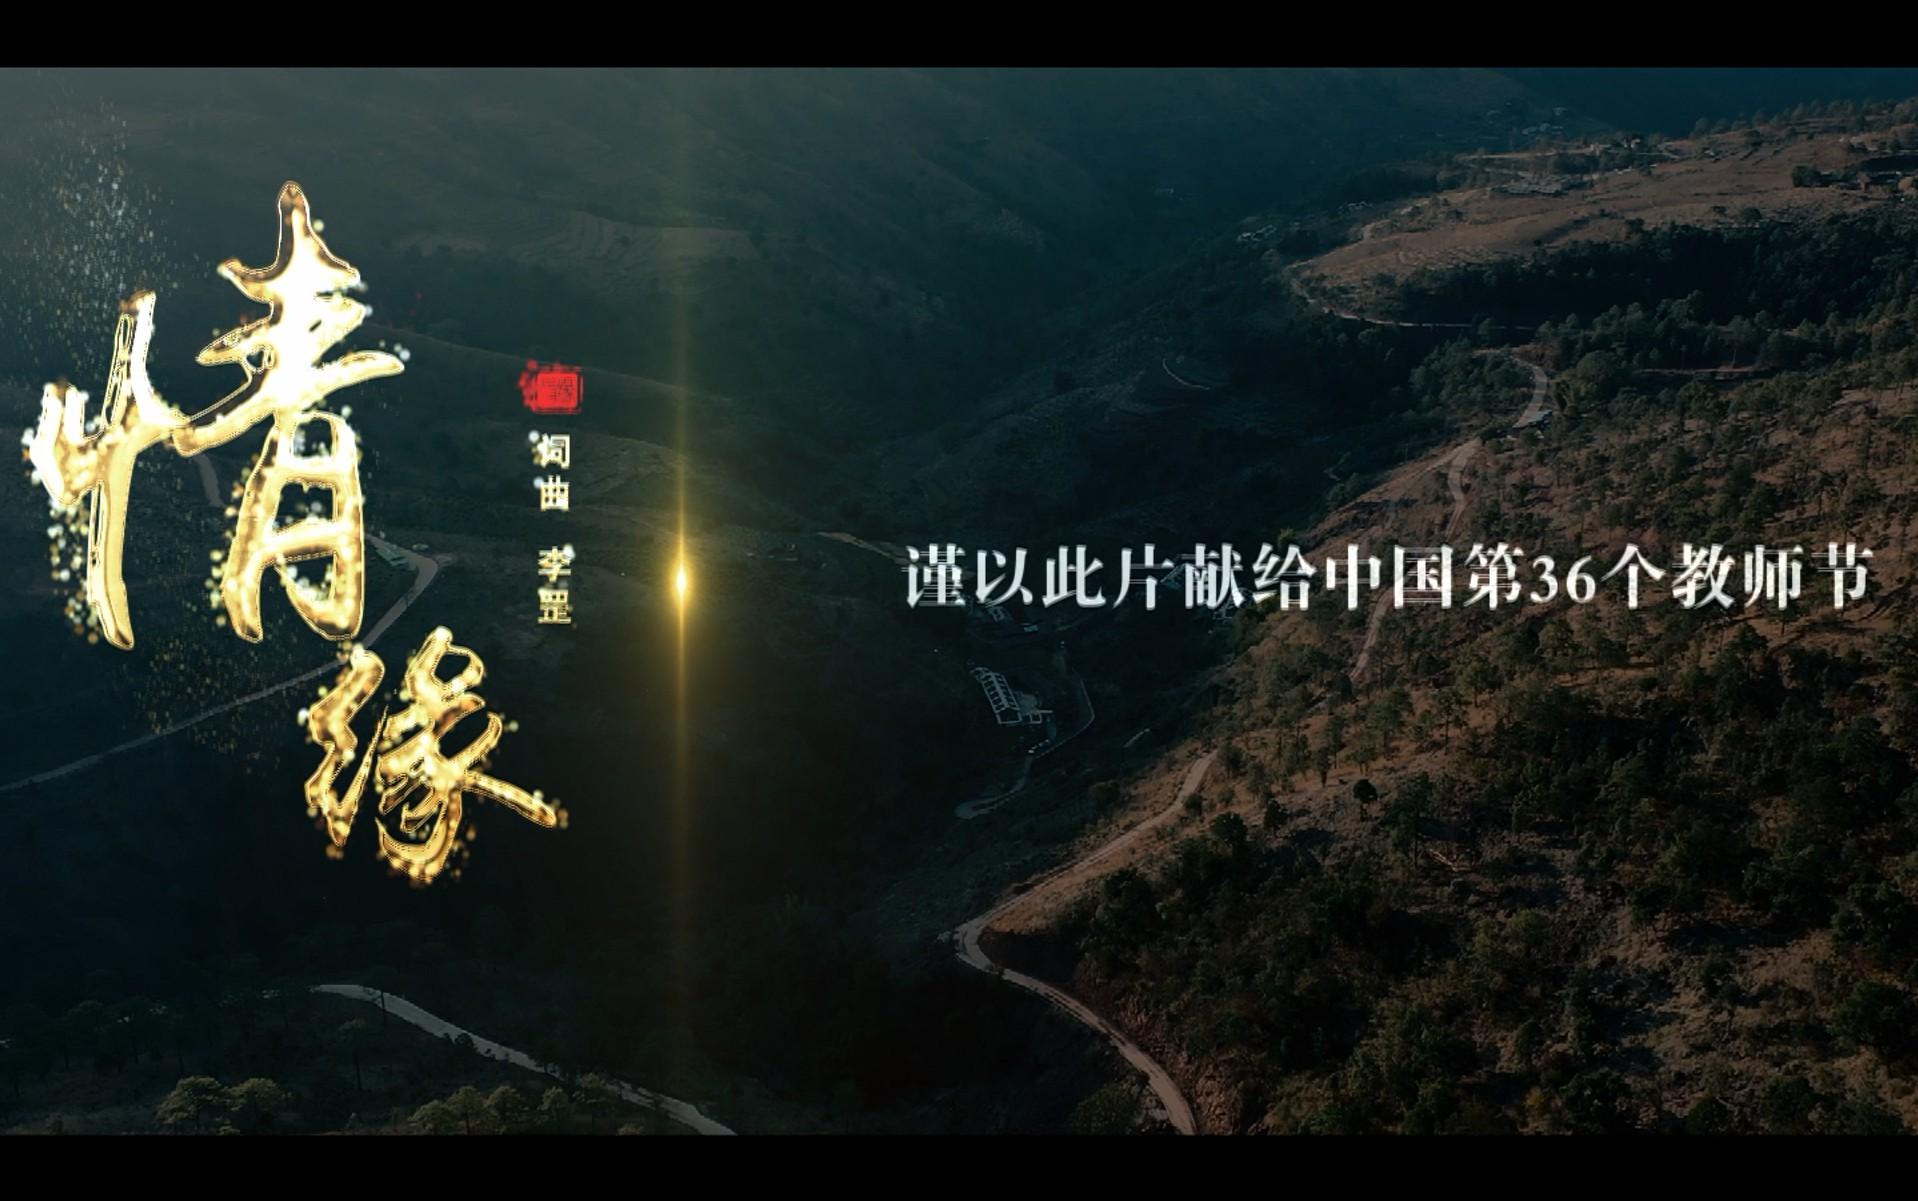 《情缘》MV——献给中国第36个教师节